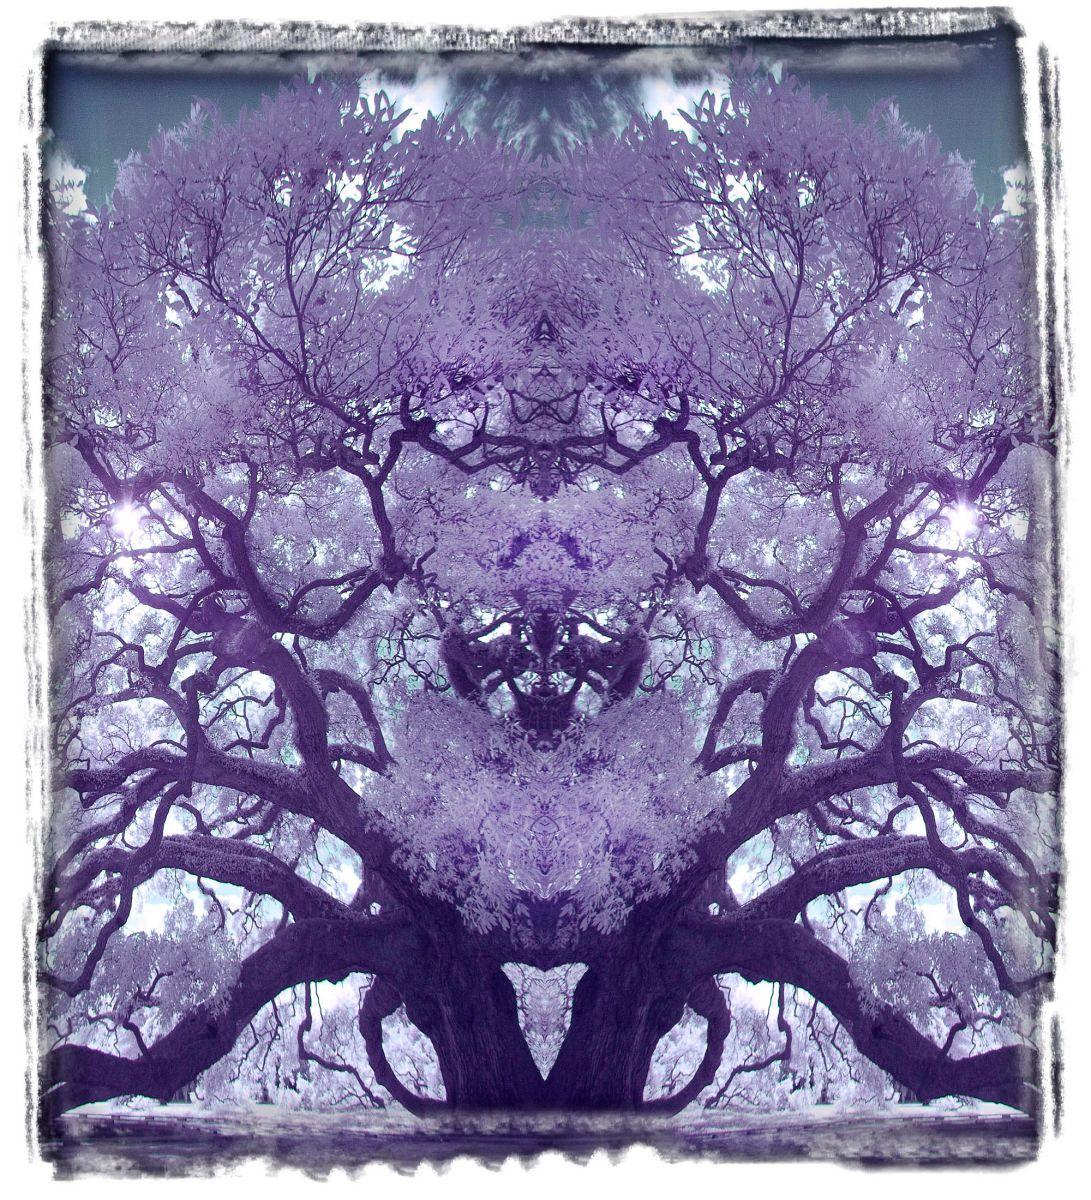 treaty oak, fl'12 3644b